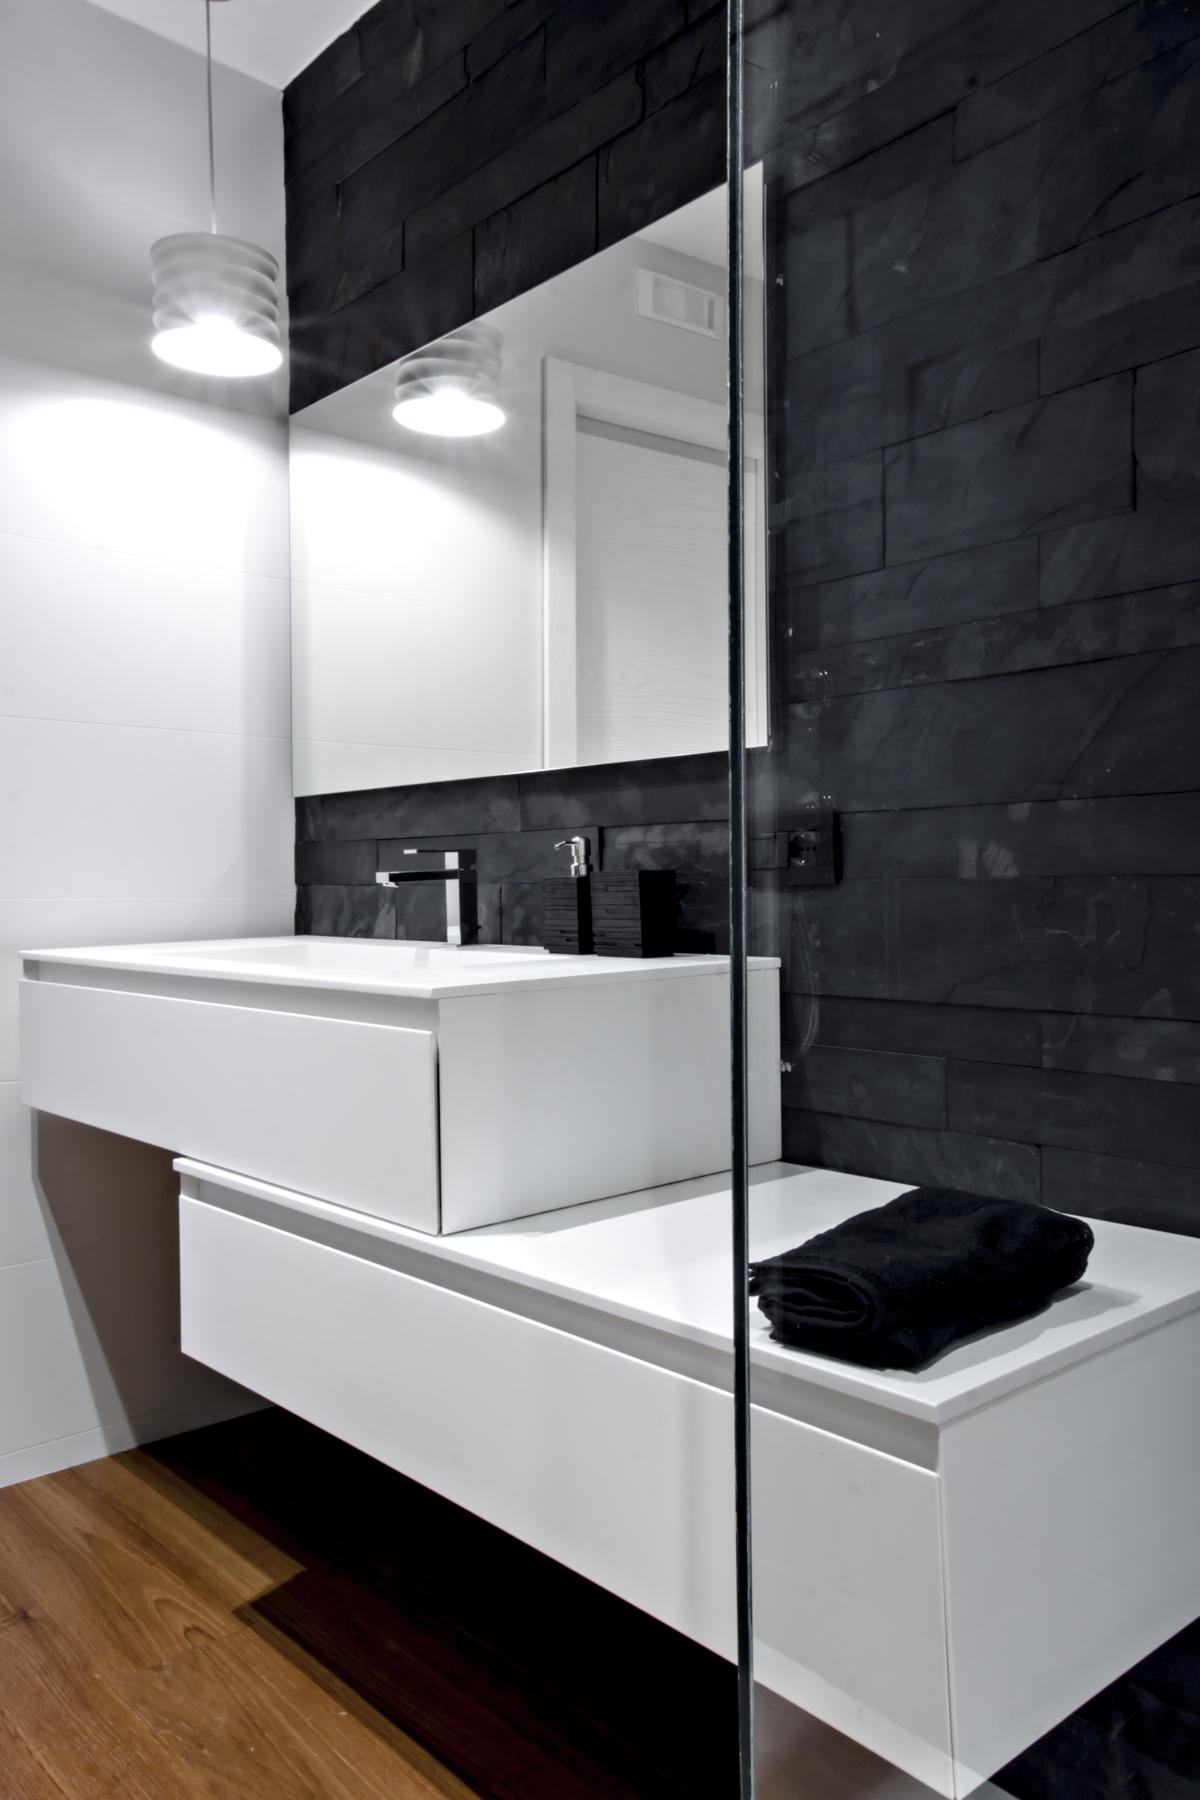 バスルームの壁には黒いスレートとエッセンスの家具や石で覆われました。 ビルマチークを寄木細工。